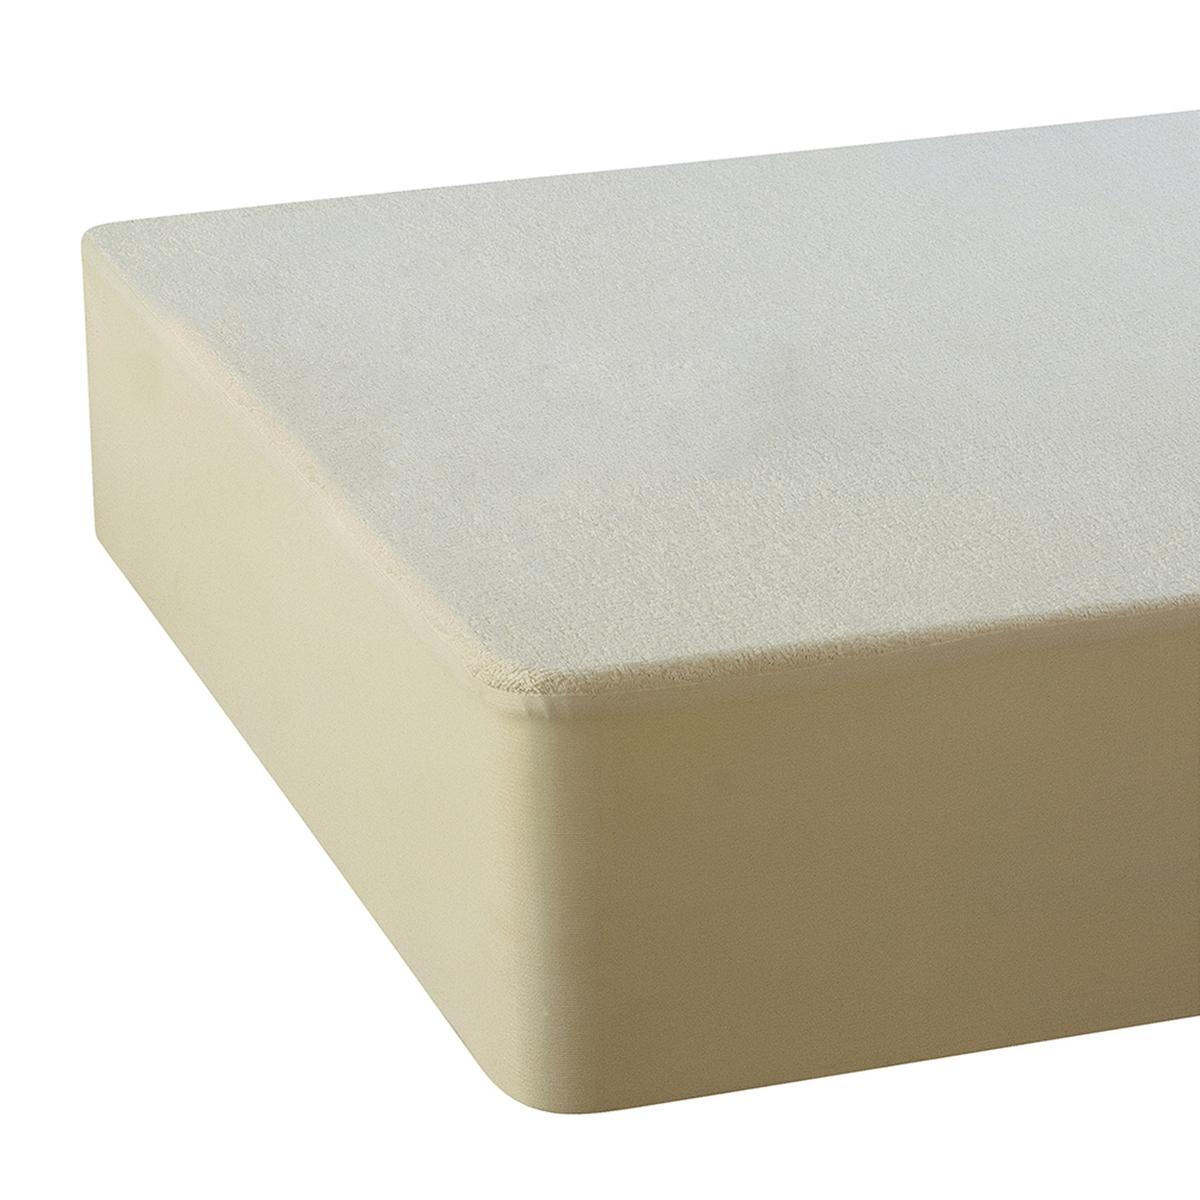 Чехол защитный из непромокаемого мольтона, переработанный хлопок с обработкой Pur Essential® наволочка из непромокаемого джерси